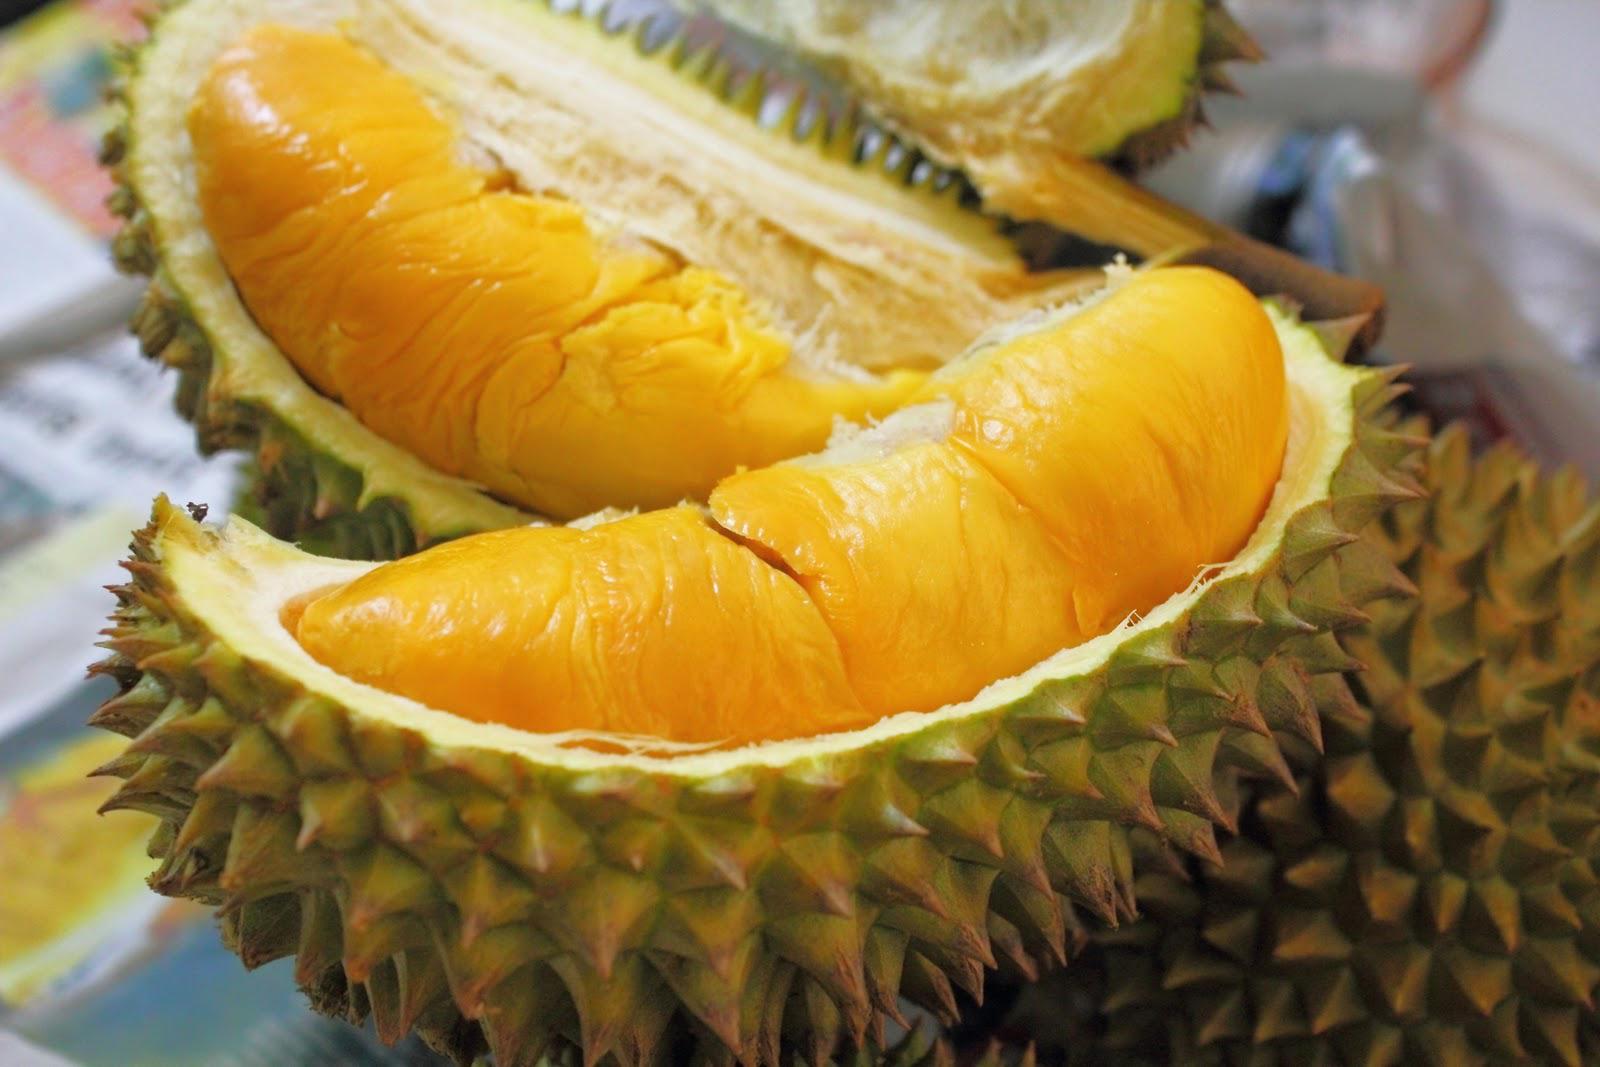 Manfaat Buah Durian Untuk Kesehatan dan Kecantikan